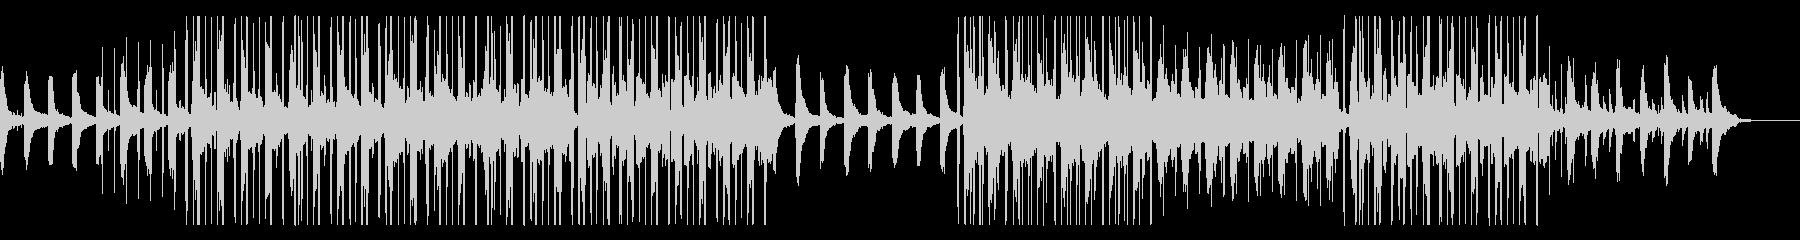 少しダークな優しいLoFi HipHopの未再生の波形